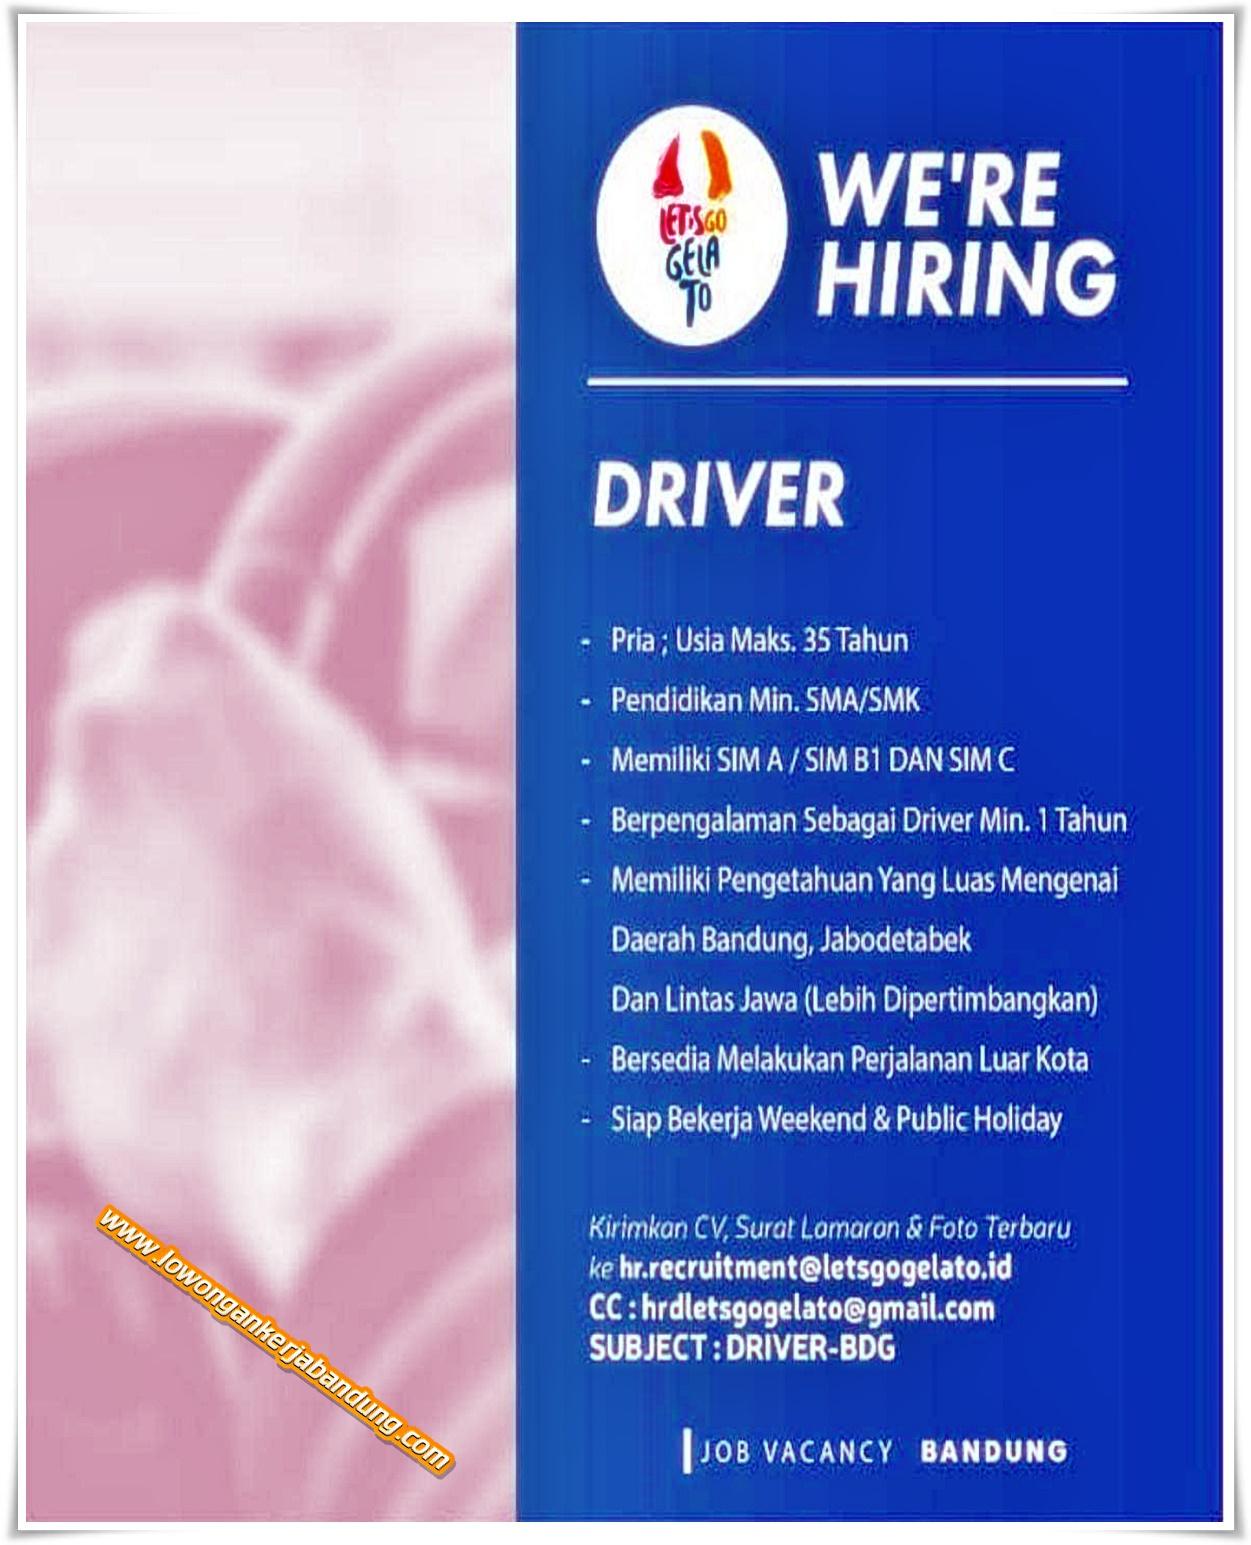 Lowongan Kerja Bandung Driver Lets Go Gelato Lowongan Kerja Bandung Lowongankerjabandung Com